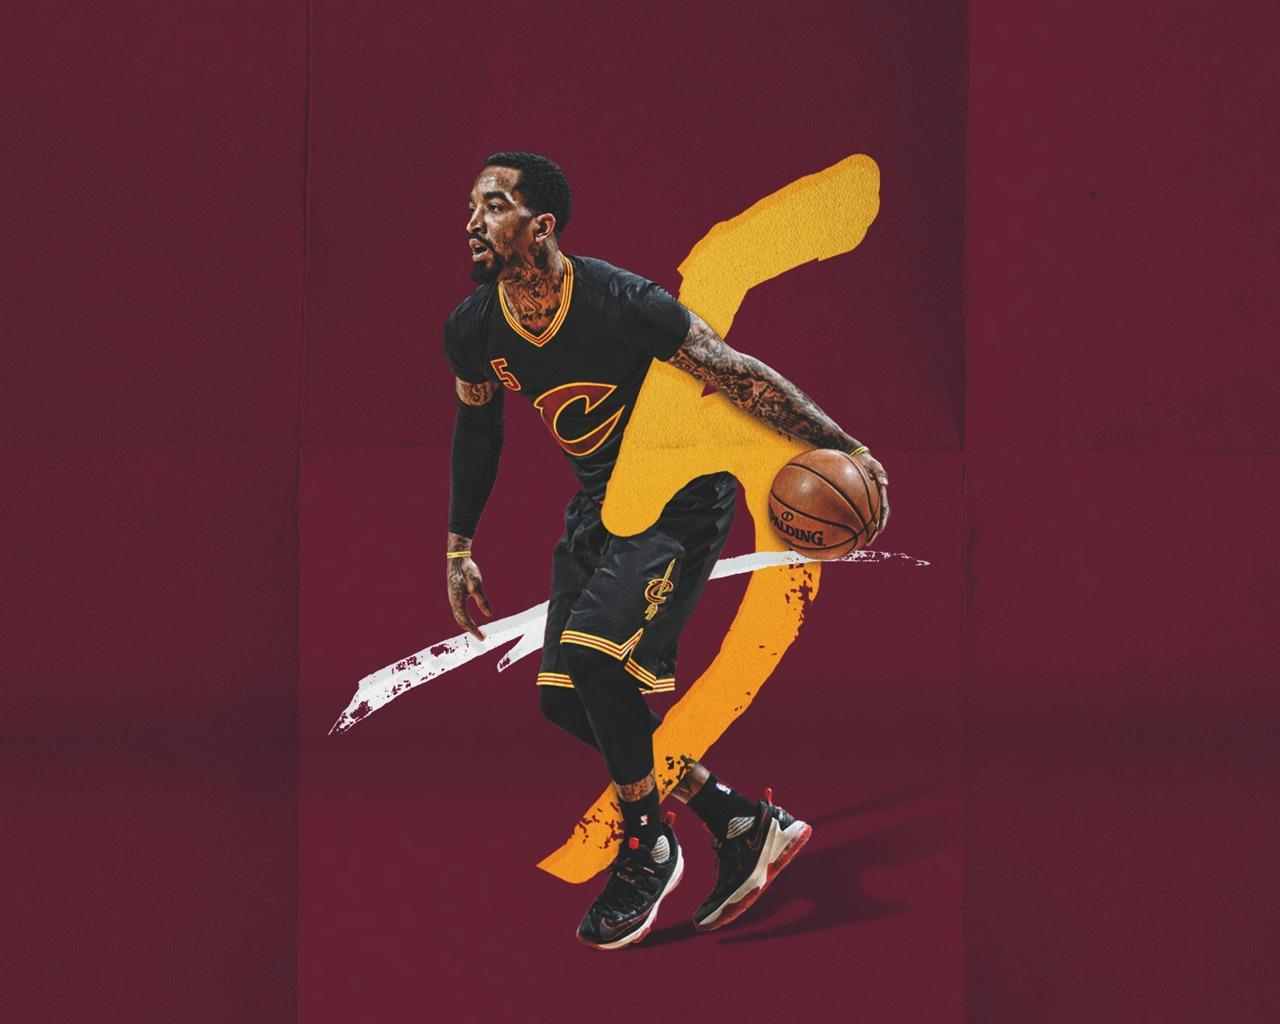 2017年克利夫兰骑士壁纸预览 10wallpaper.com | J.R.史密斯 NBA